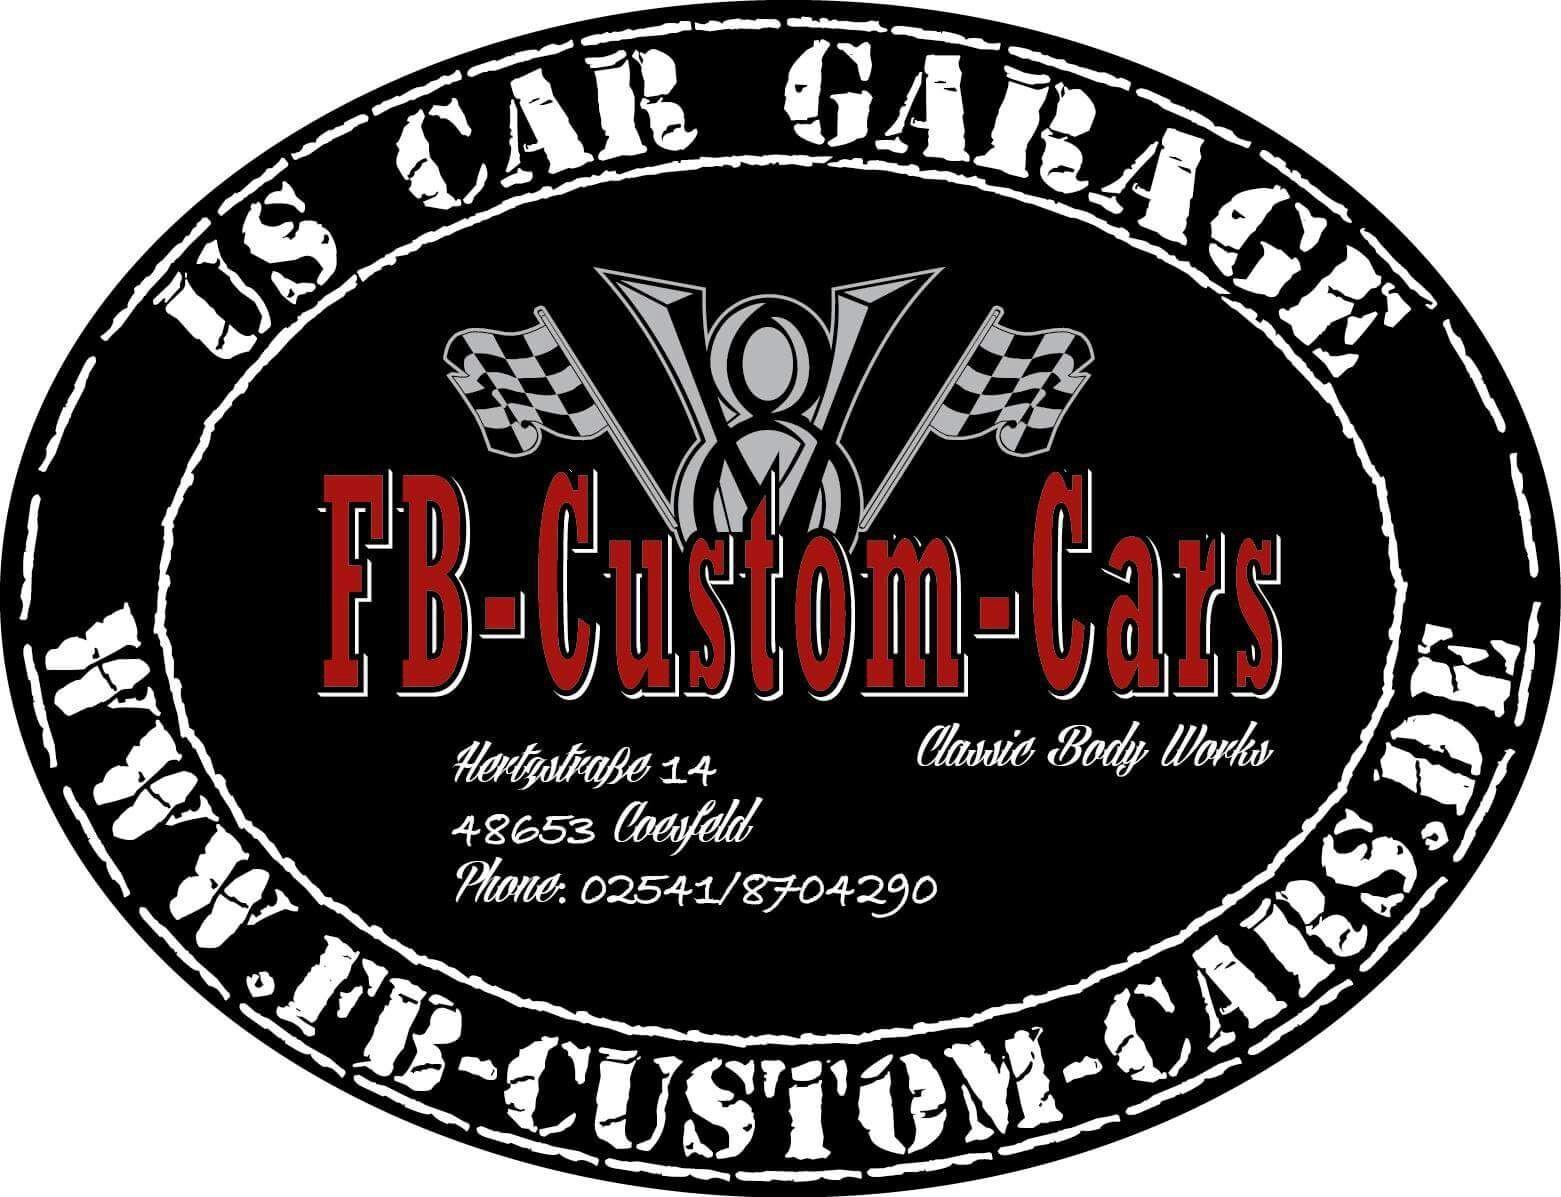 FB Custom Cars